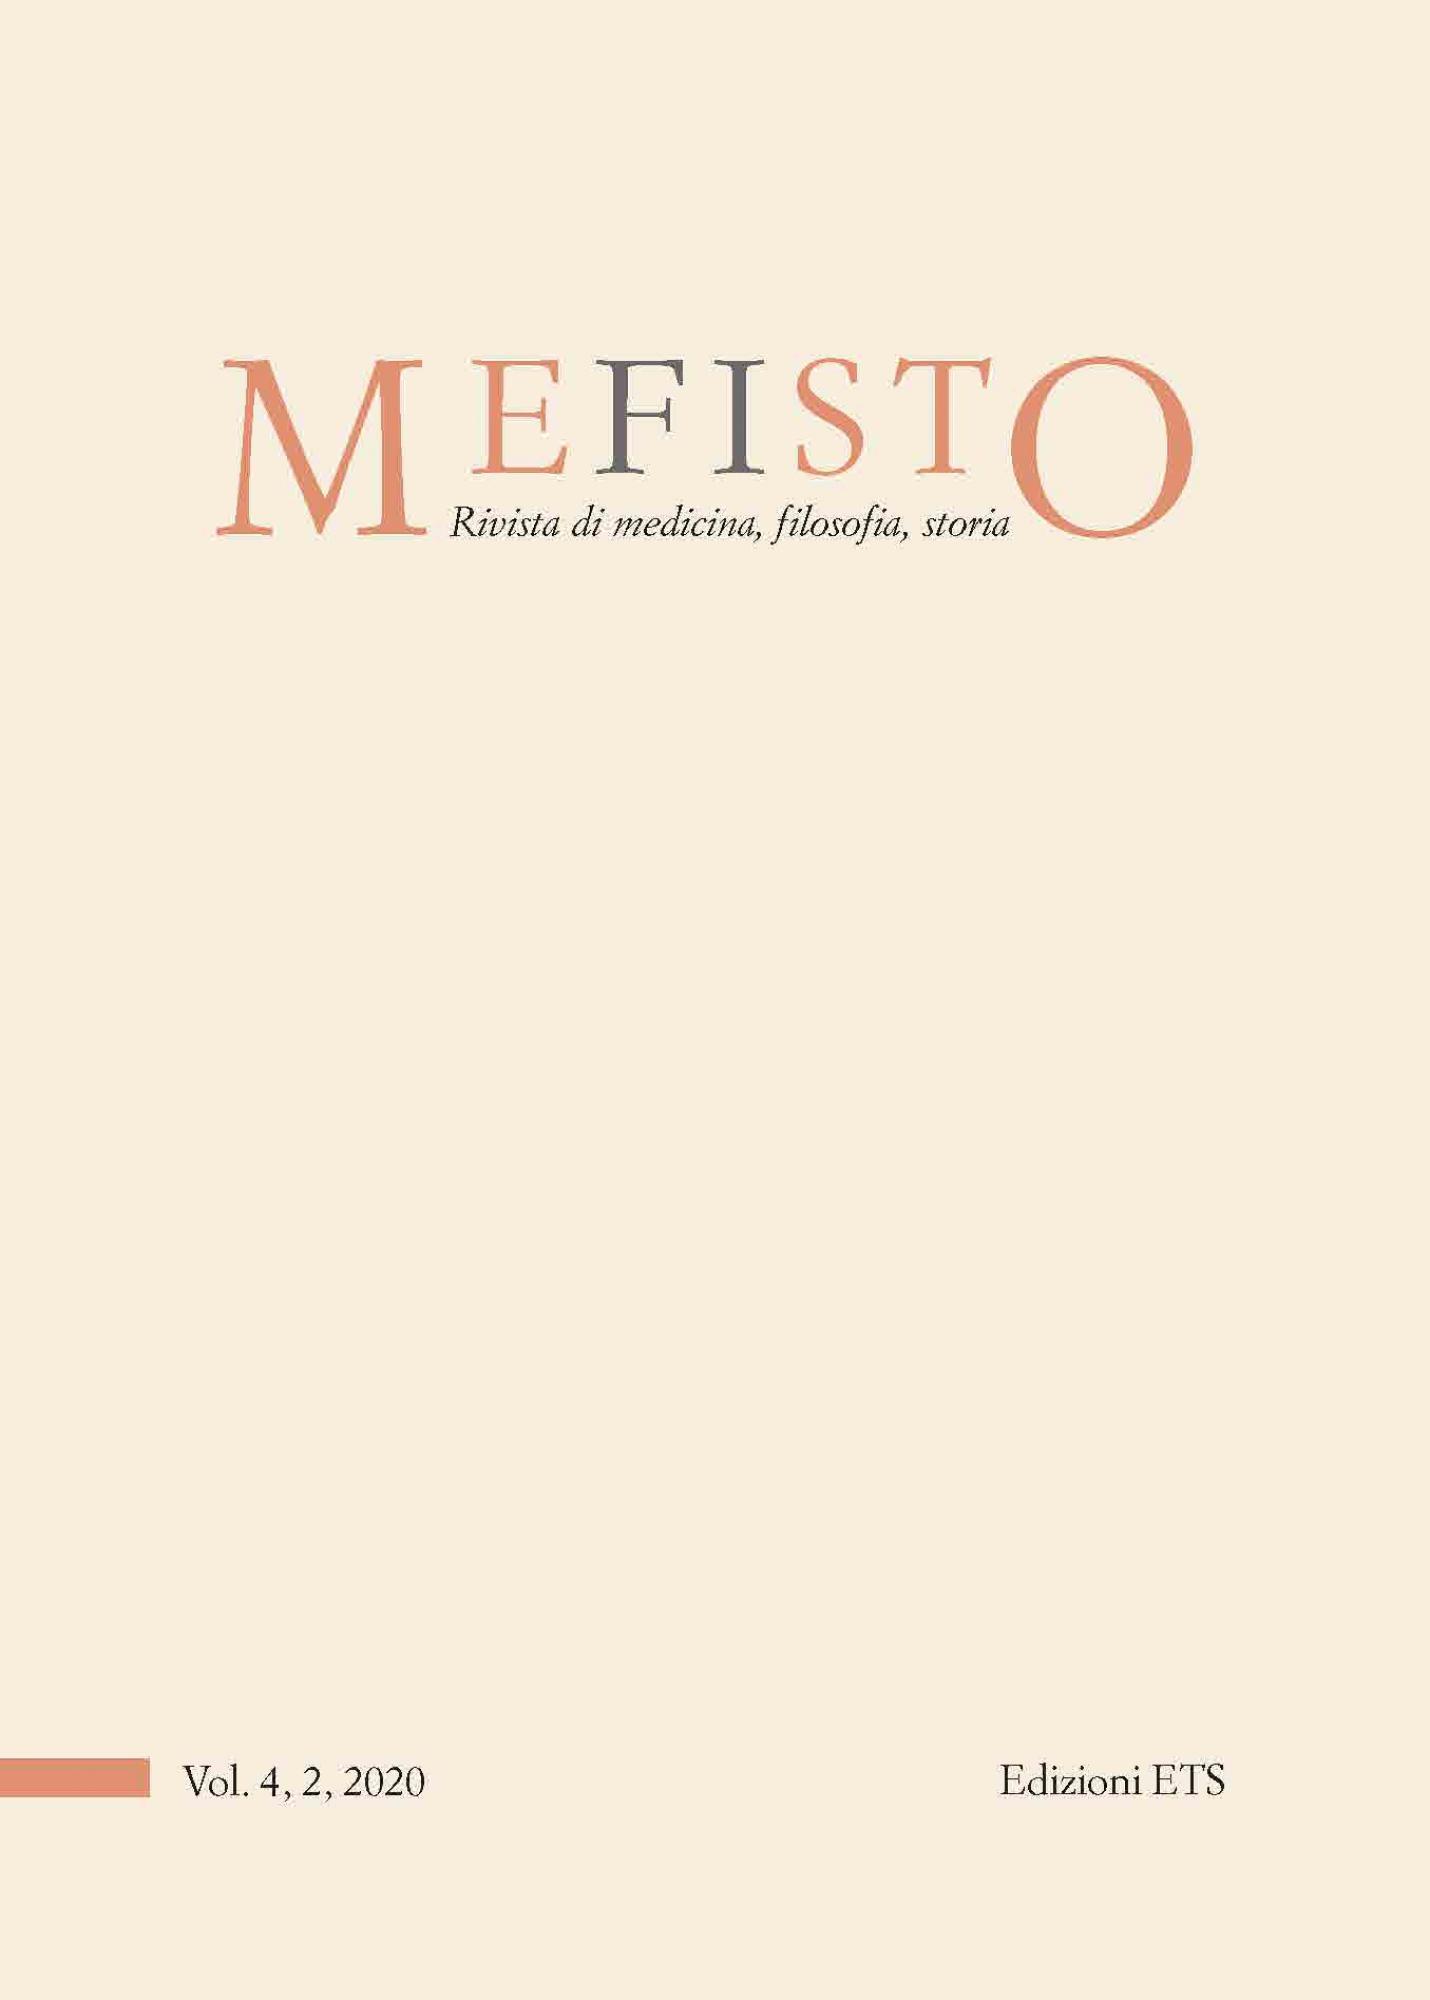 Mefisto. Rivista di medicina, filosofia, storia.Vol. 4, 2, 2020